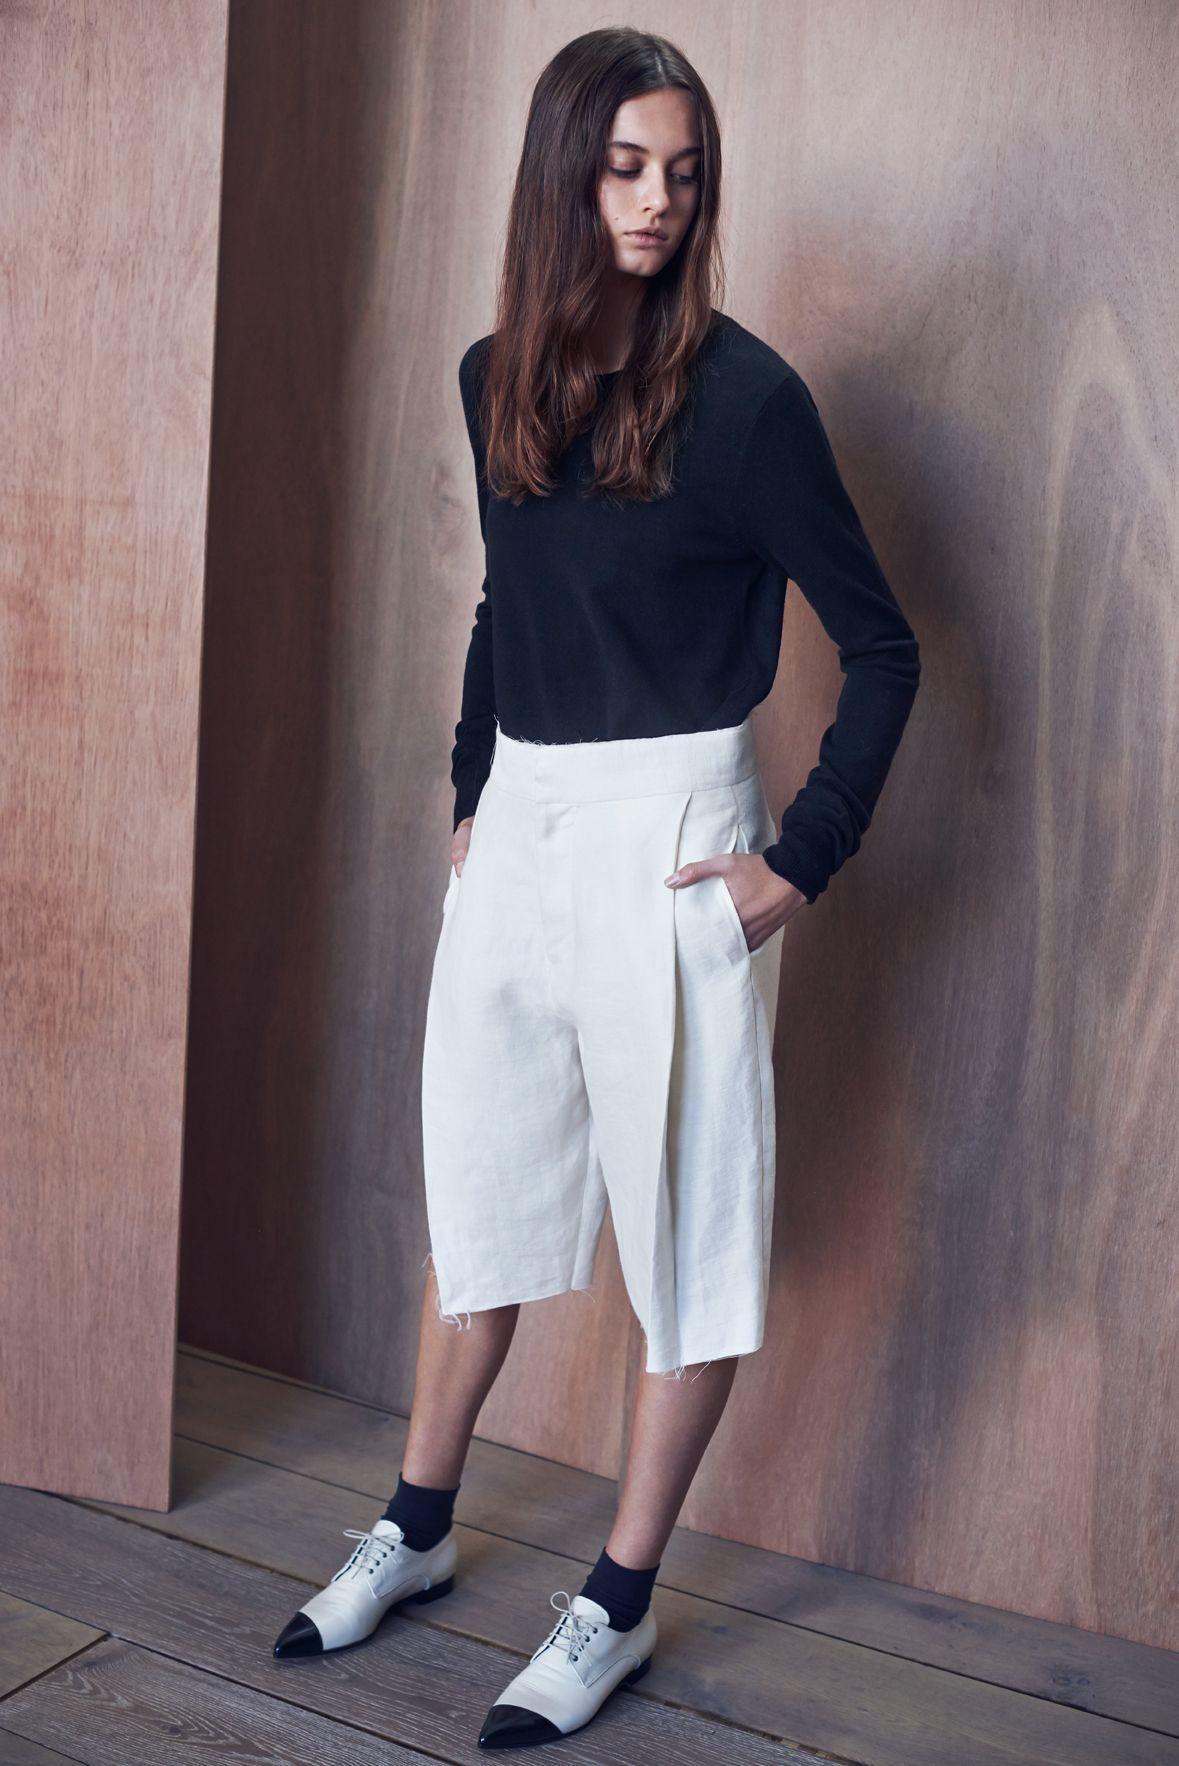 crew neck layering knit | http://bssk.co/1DMpMMk | linen twill tailored short | http://bssk.co/18fnt96